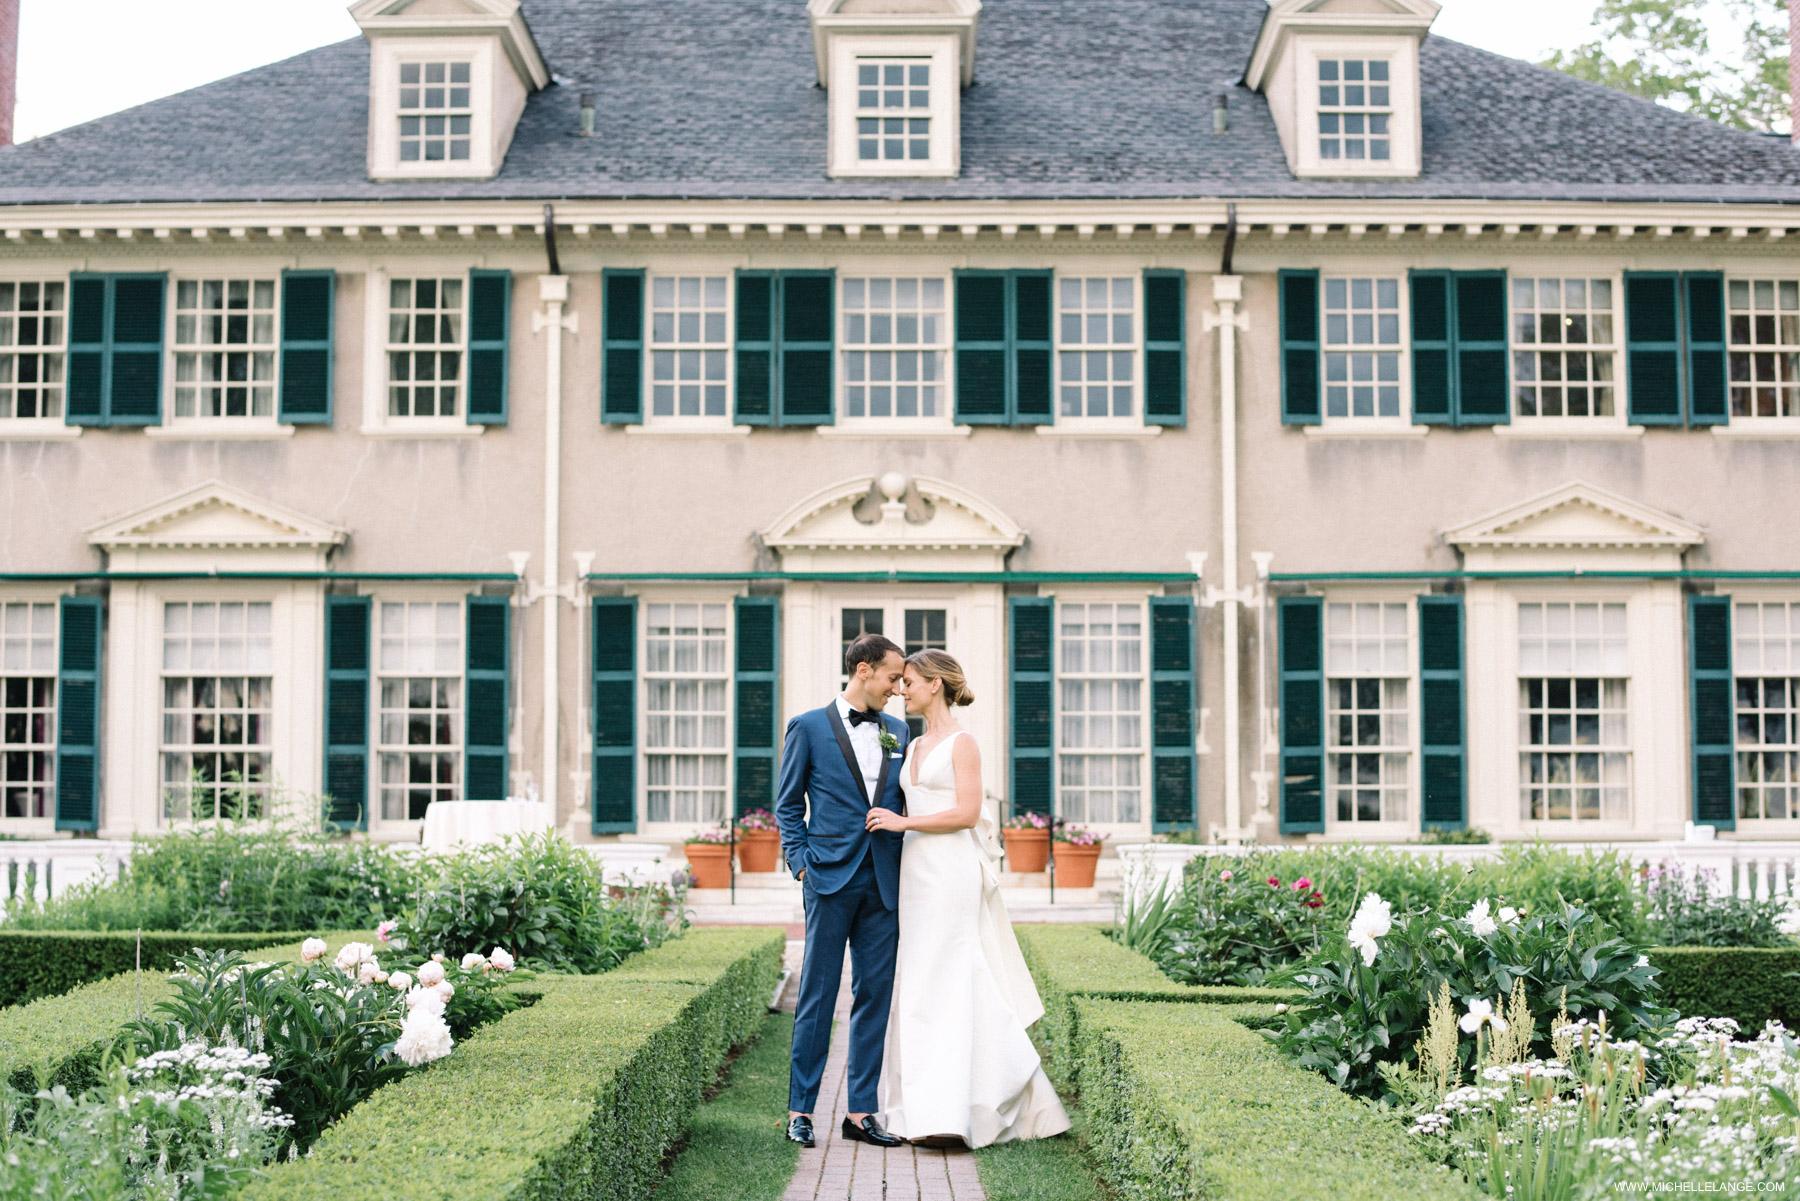 Hildene Estate Wedding Garden Photo in Manchester Vermont